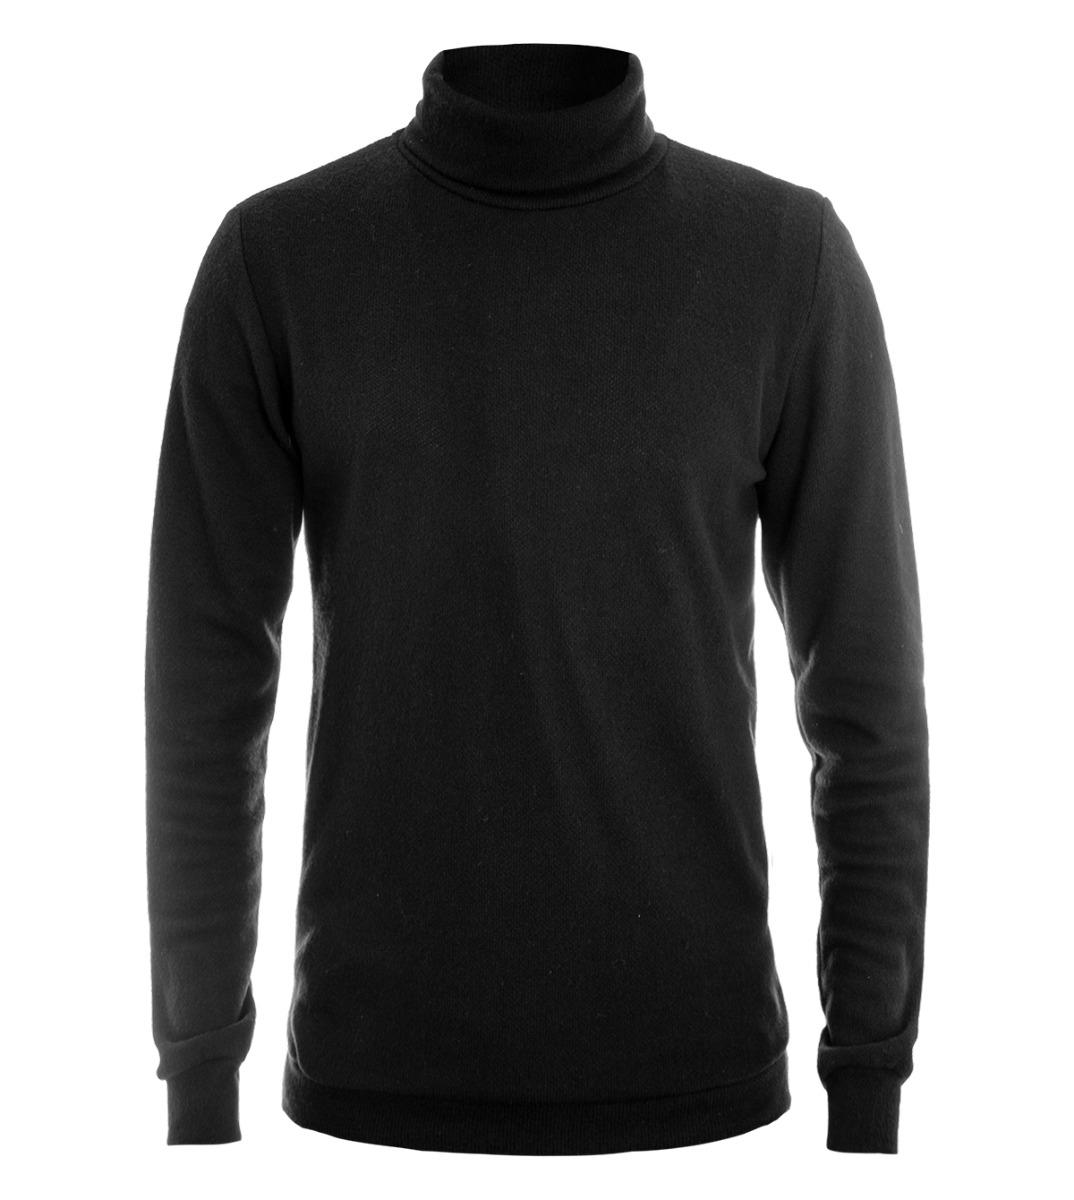 Maglione Uomo Pullover Collo Alto Maglia Nero Tinta Unita Slim Casual Giosal